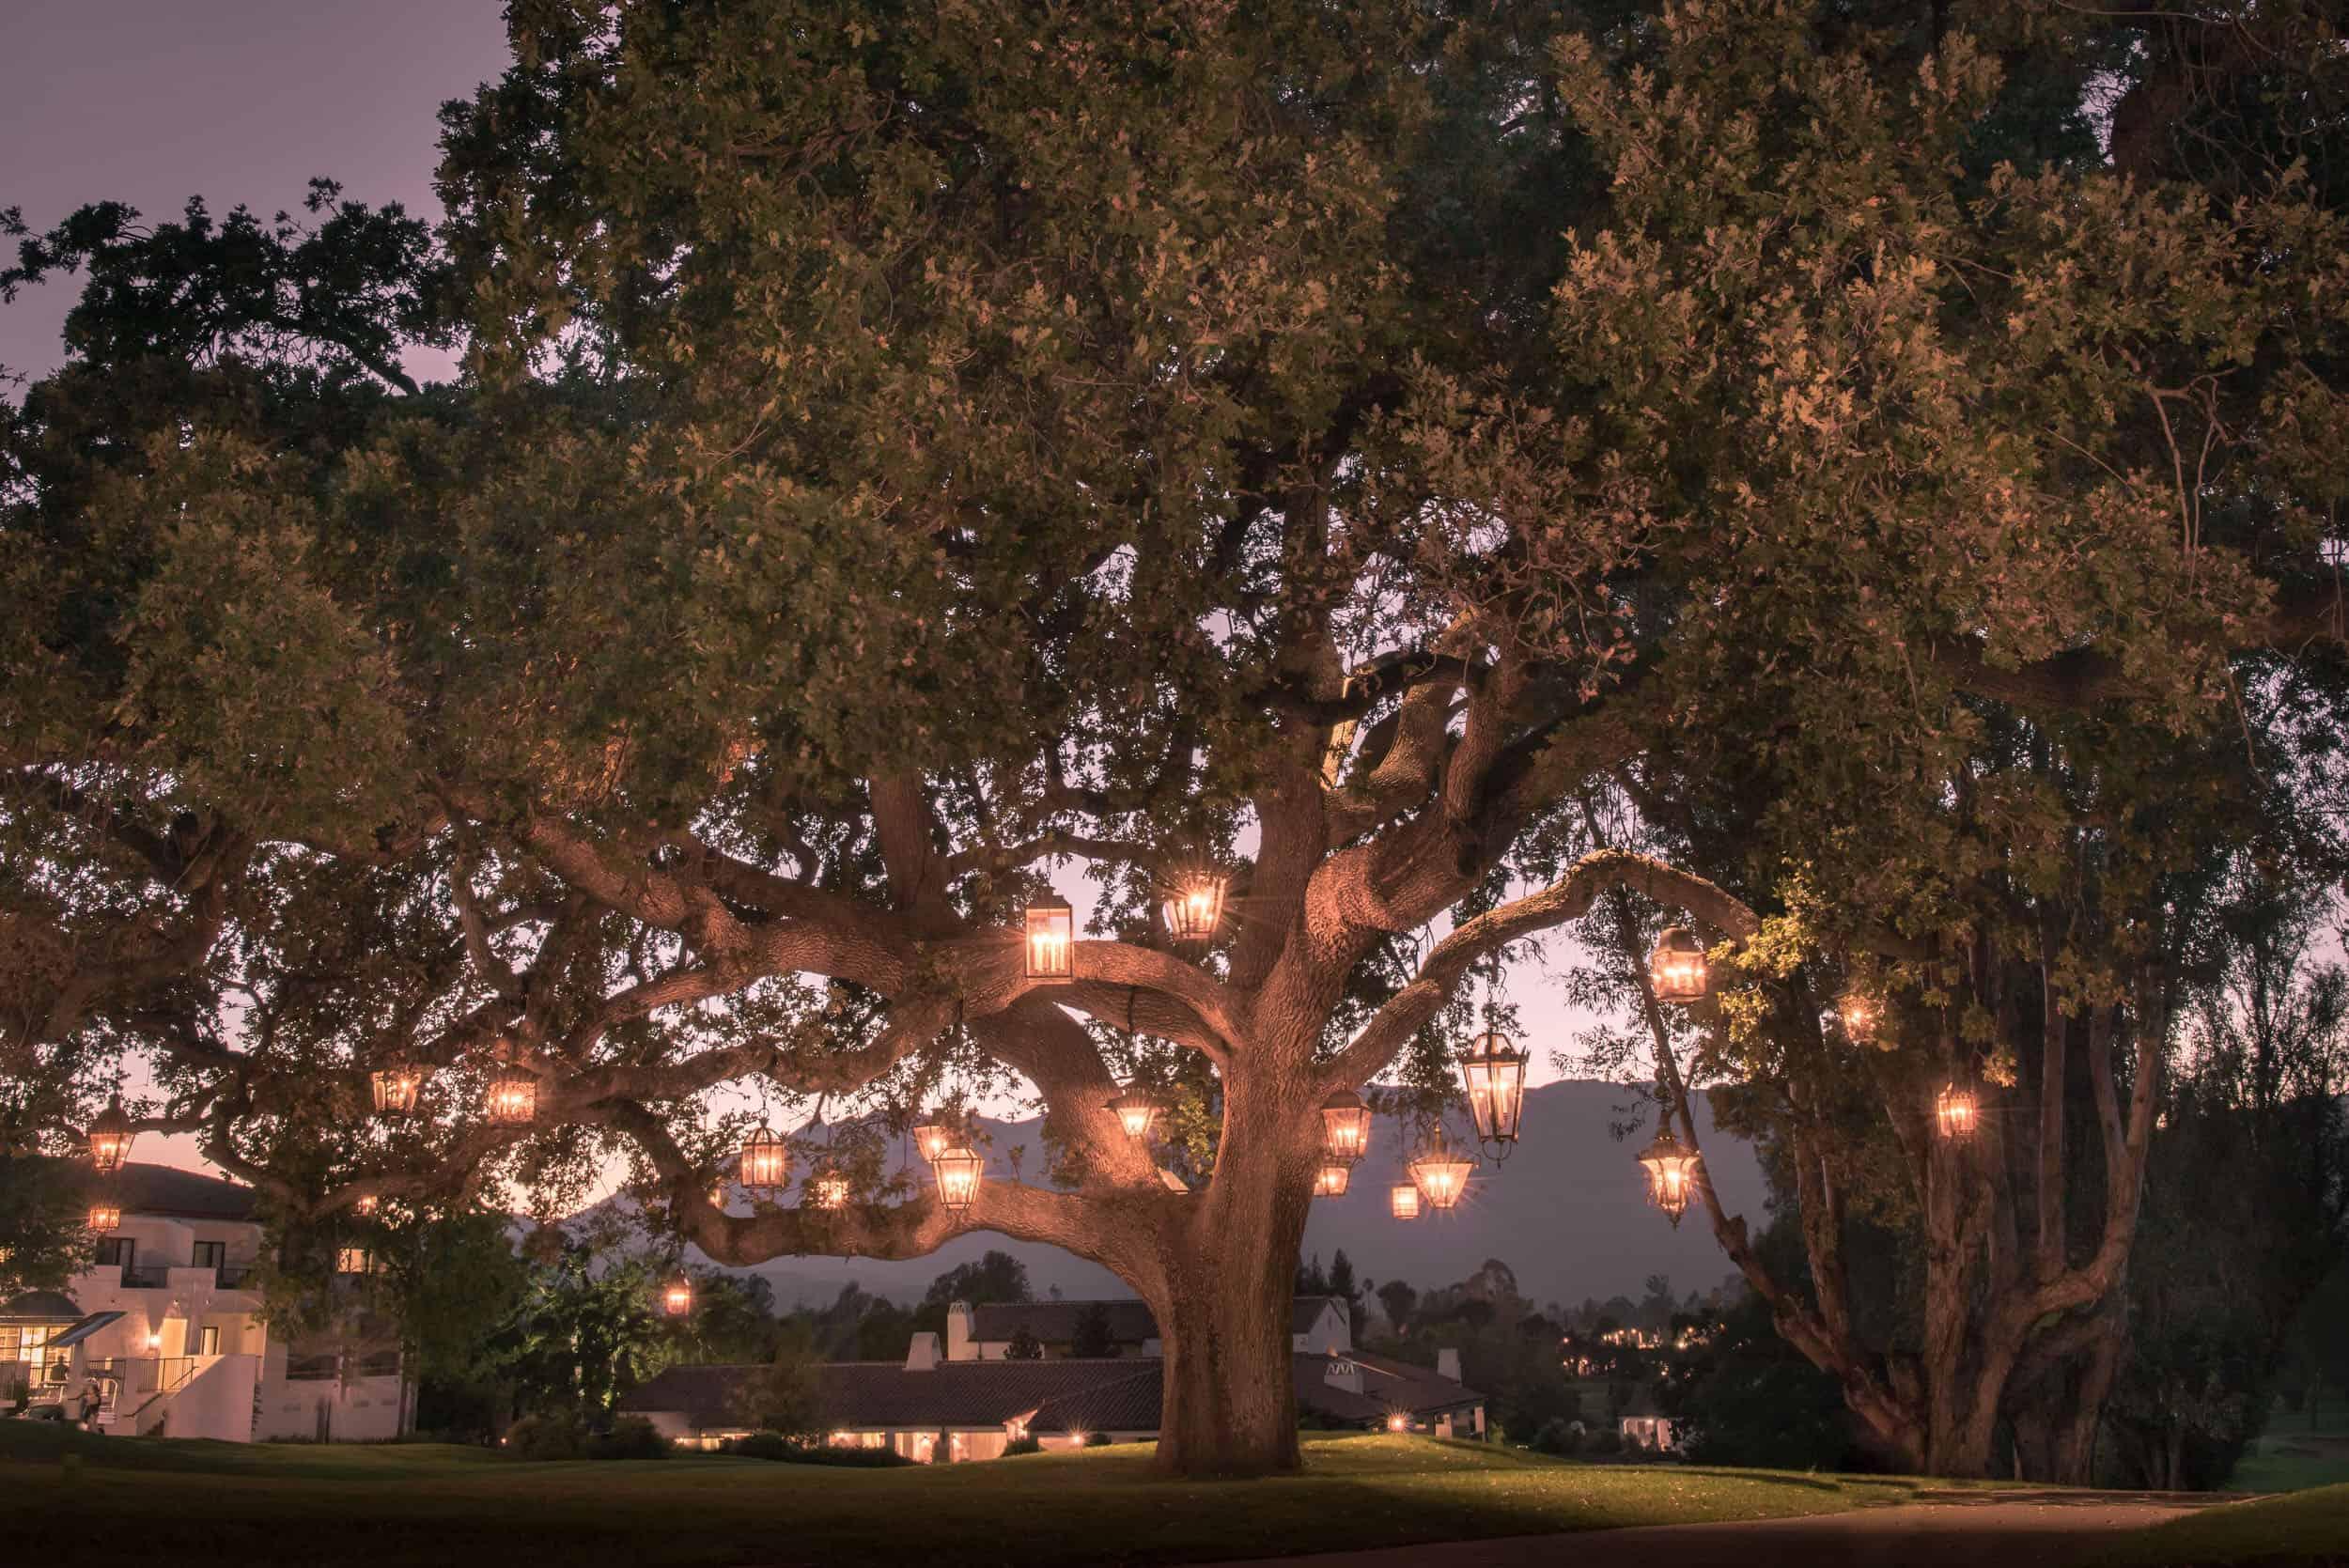 Lanterns Hung In Oak Tree Hanging Lanterns Dusk